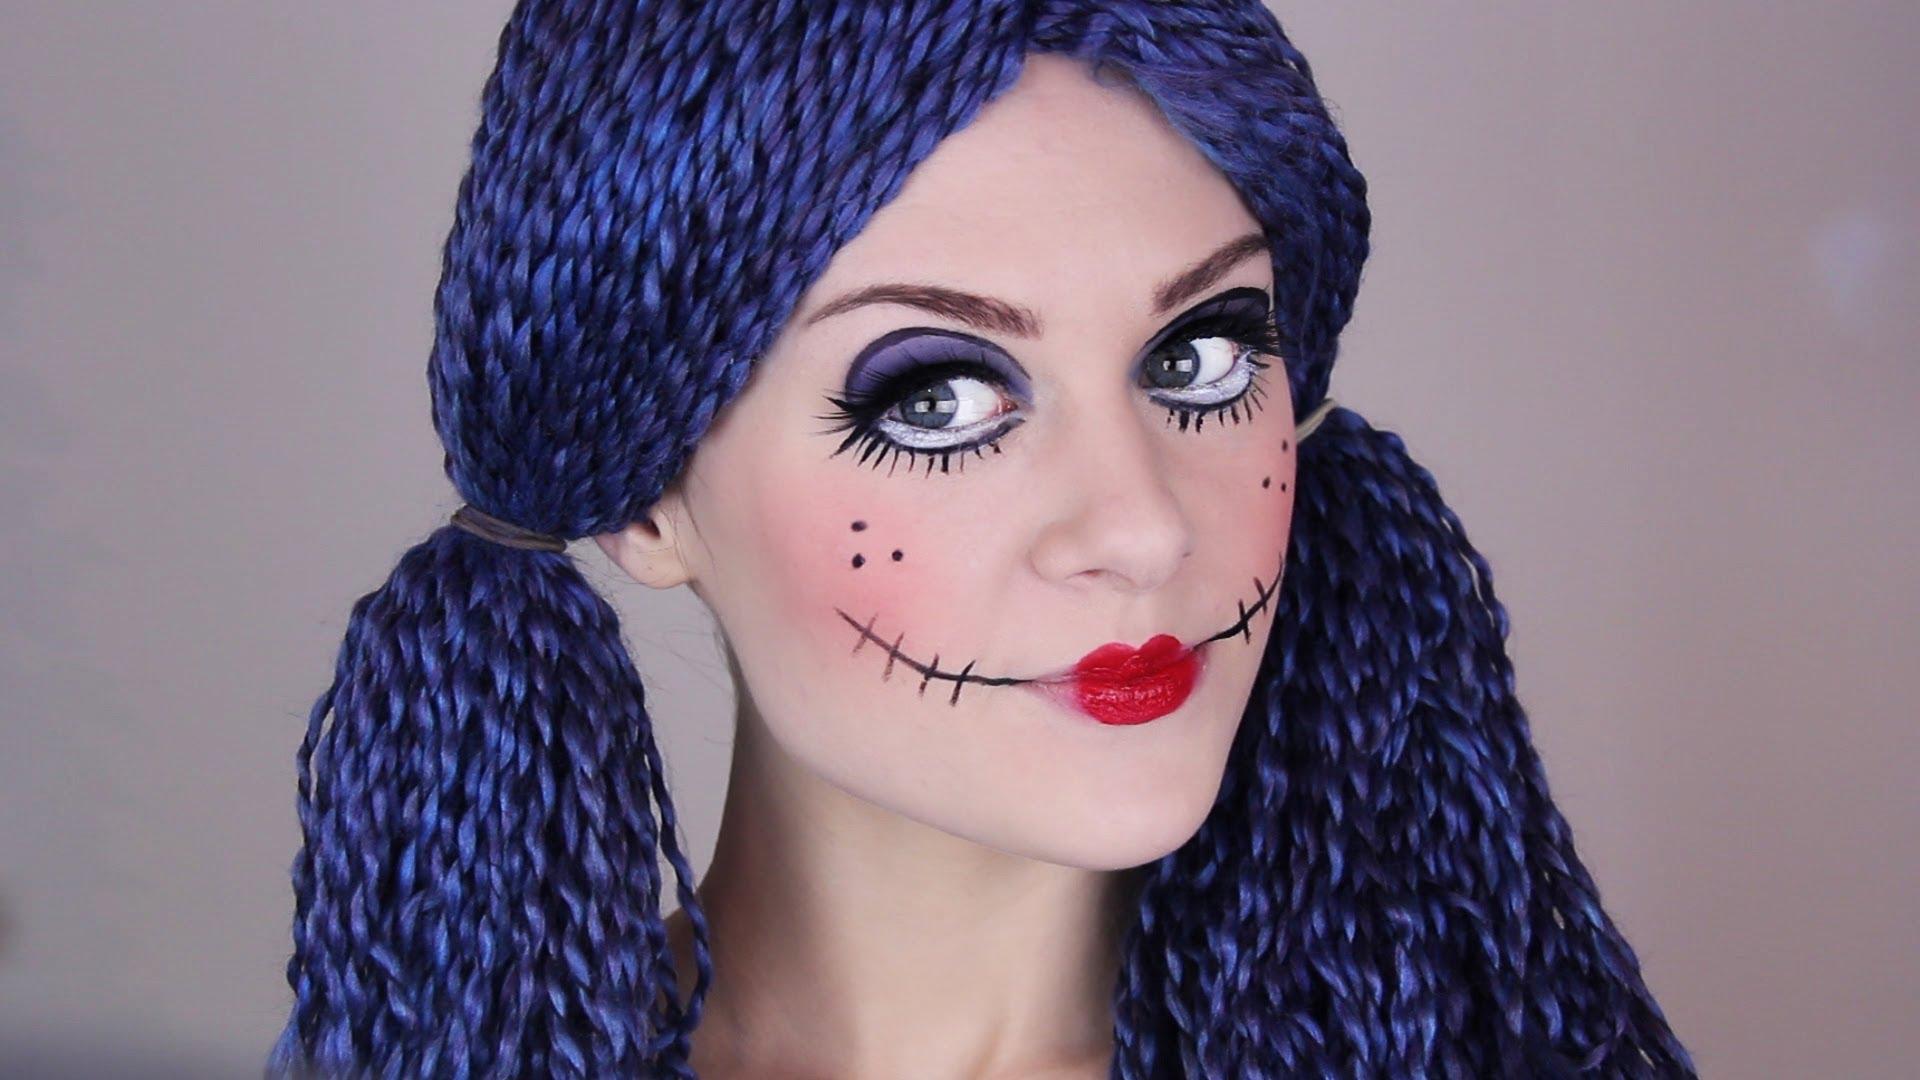 Halloween Einfach Schminken.Halloween Gesichter Schminken 30 Einfache Beispiele Mit Garantiertem Gruseleffekt